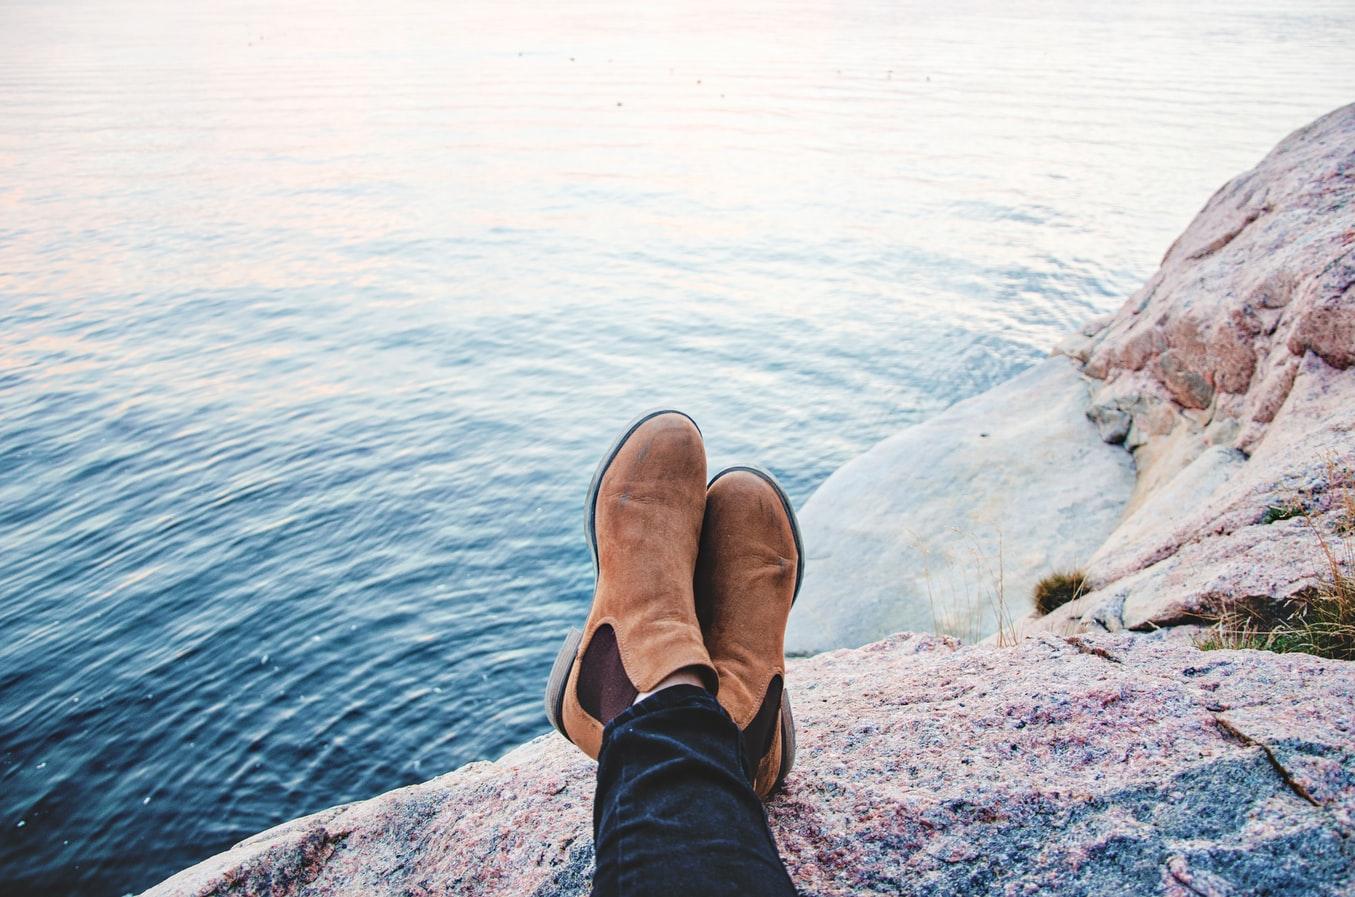 Vælg det rigtige fodtøj til rejsen